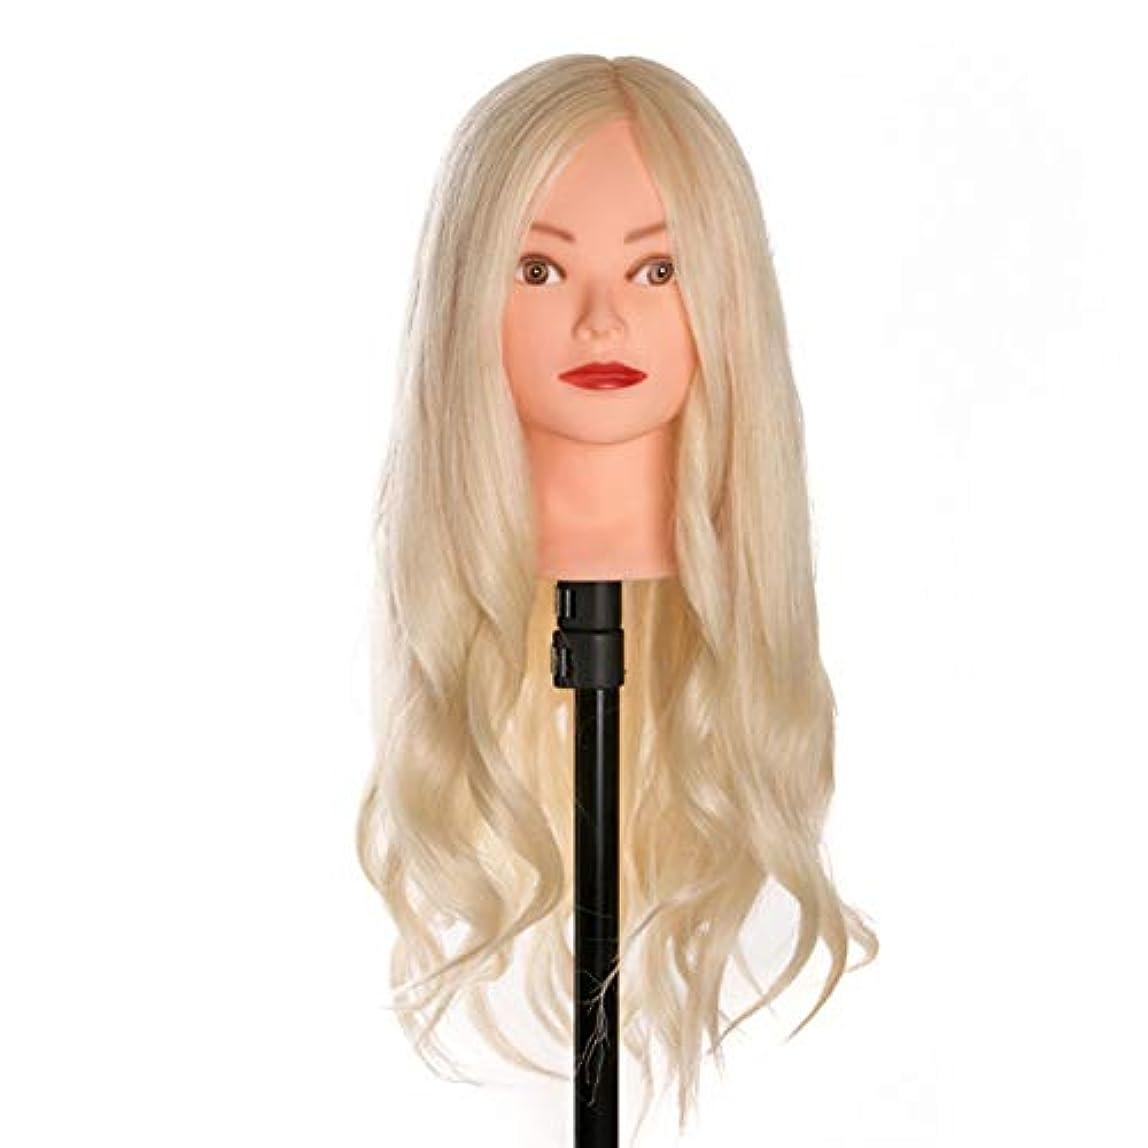 変形動支援ヘアカットトレーニングかつらメイクディスクヘアスタイリング編組ティーチングダミーヘッド理髪サロンエクササイズヘッド金型3個